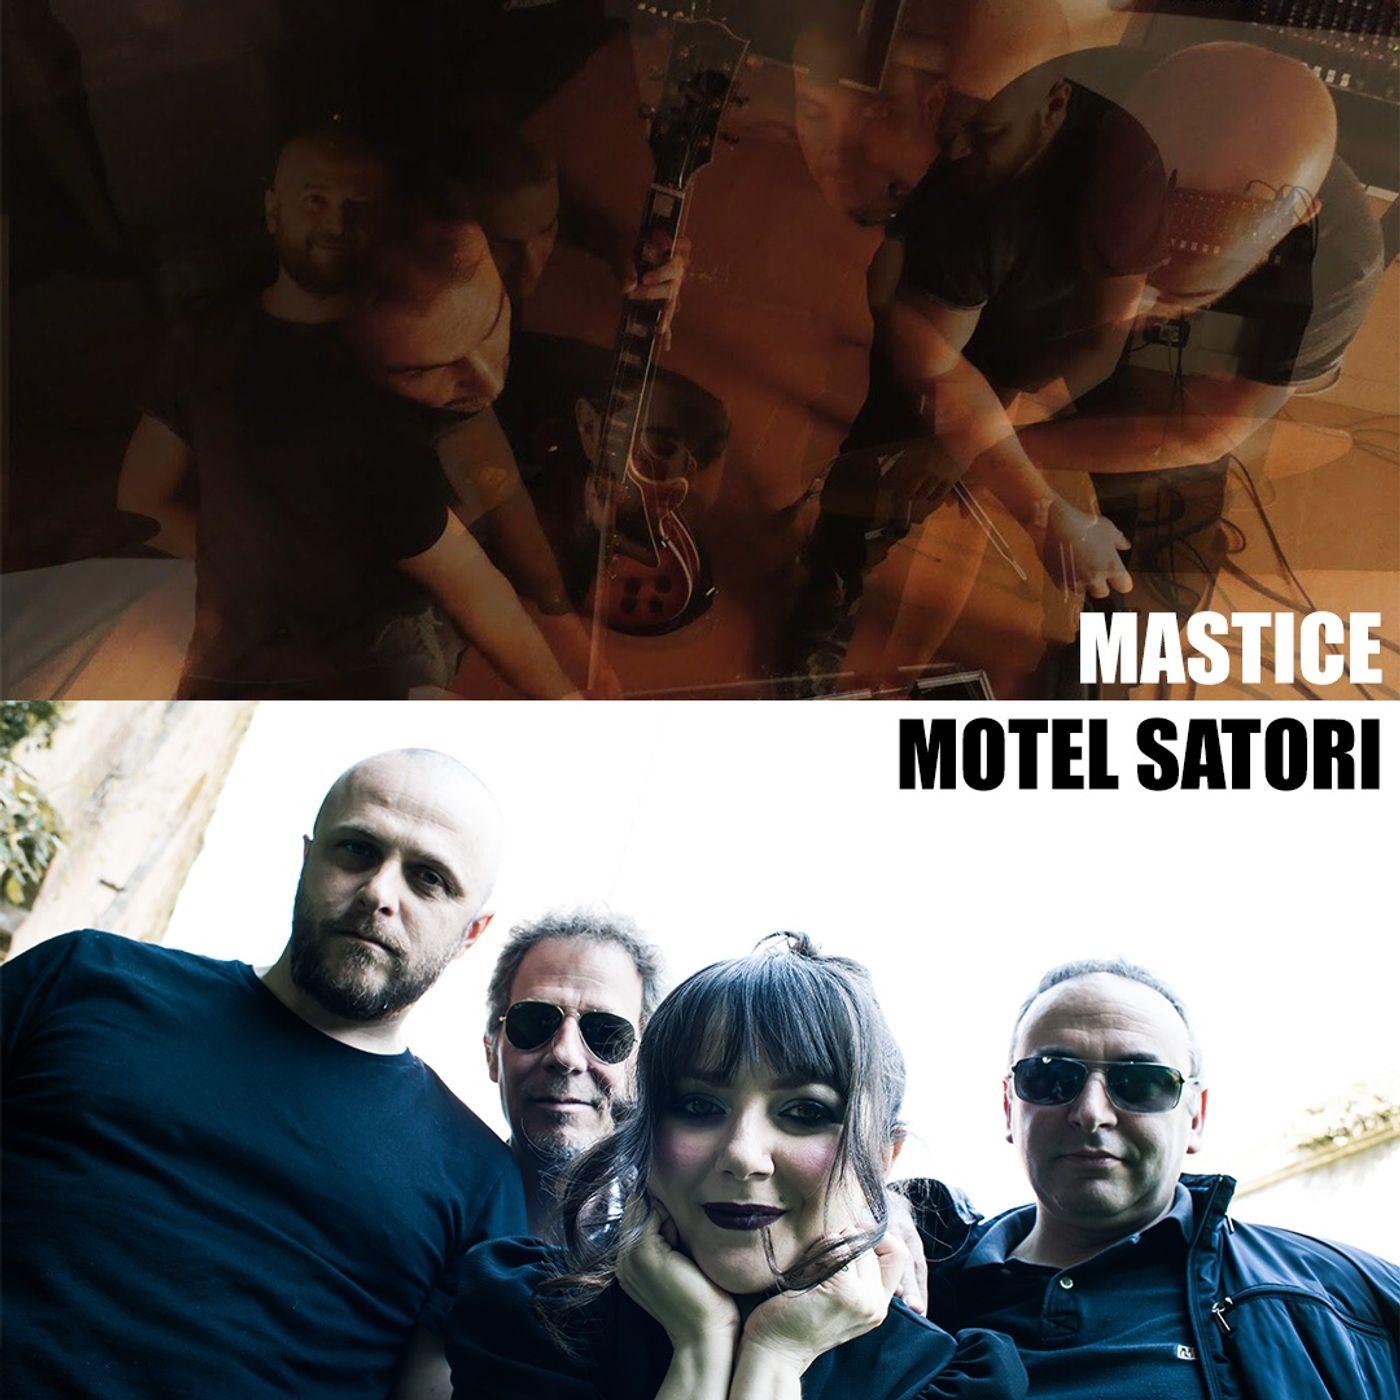 Realtà vs. Illusione + intervista a Mastice & Motel Satori - Karmadillo - s03e23